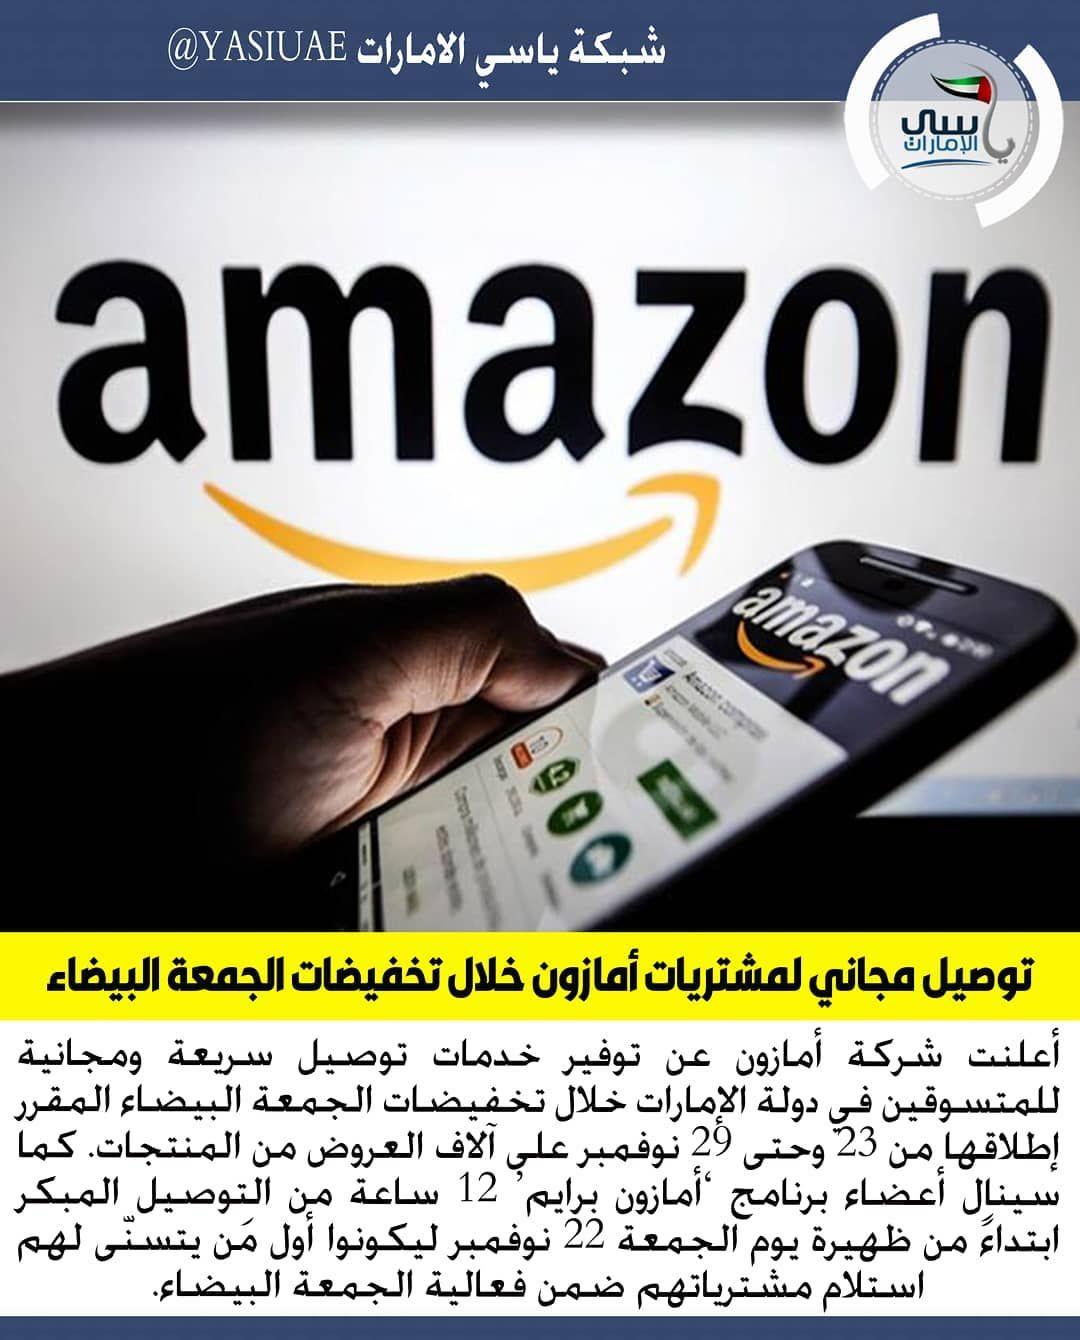 امازون امازون Amazon الجمعة البيضاء تخفيضات شبكة ياسي الامارات ياسي الامارات Playbill Broadway